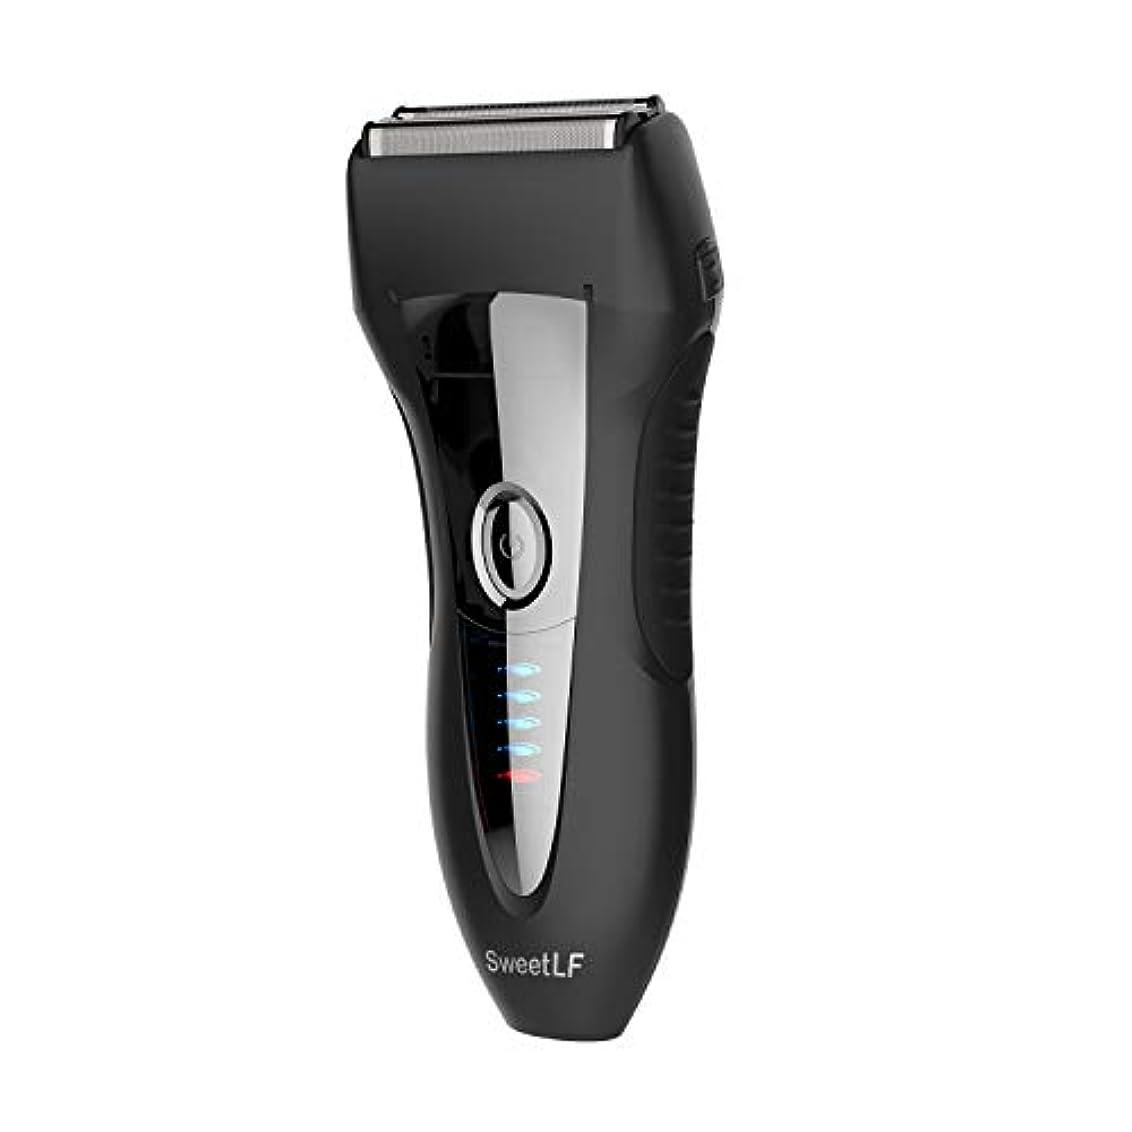 優先死餌SweetLF シェーバー メンズ 電気シェーバー ひげそり 電気カミソリ 往復式 3枚刃 USB充電式 お風呂剃り可 LED電源残量表示 トリマー付き